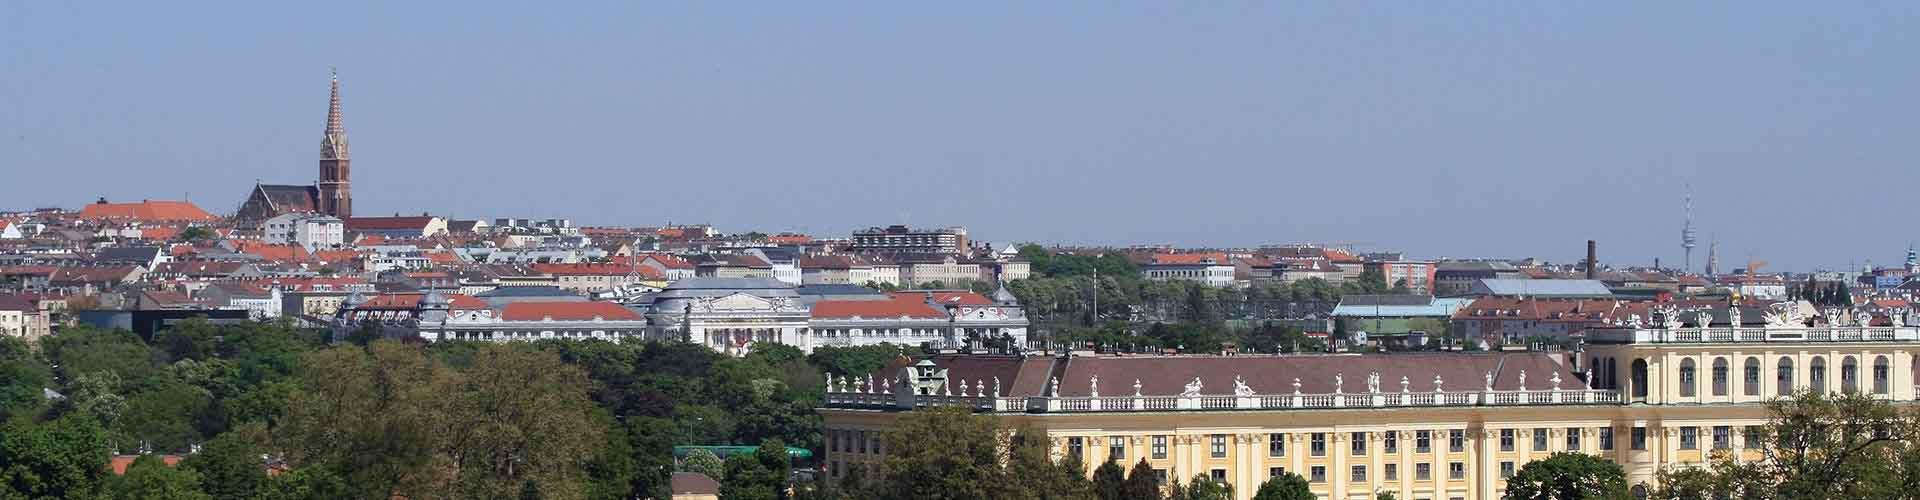 Bécs - Hotelek Rudolfsheim-Fuenfhaus városrészen. Bécs térképek, fotók, és ajánlások minden egyes Bécs hotelről.